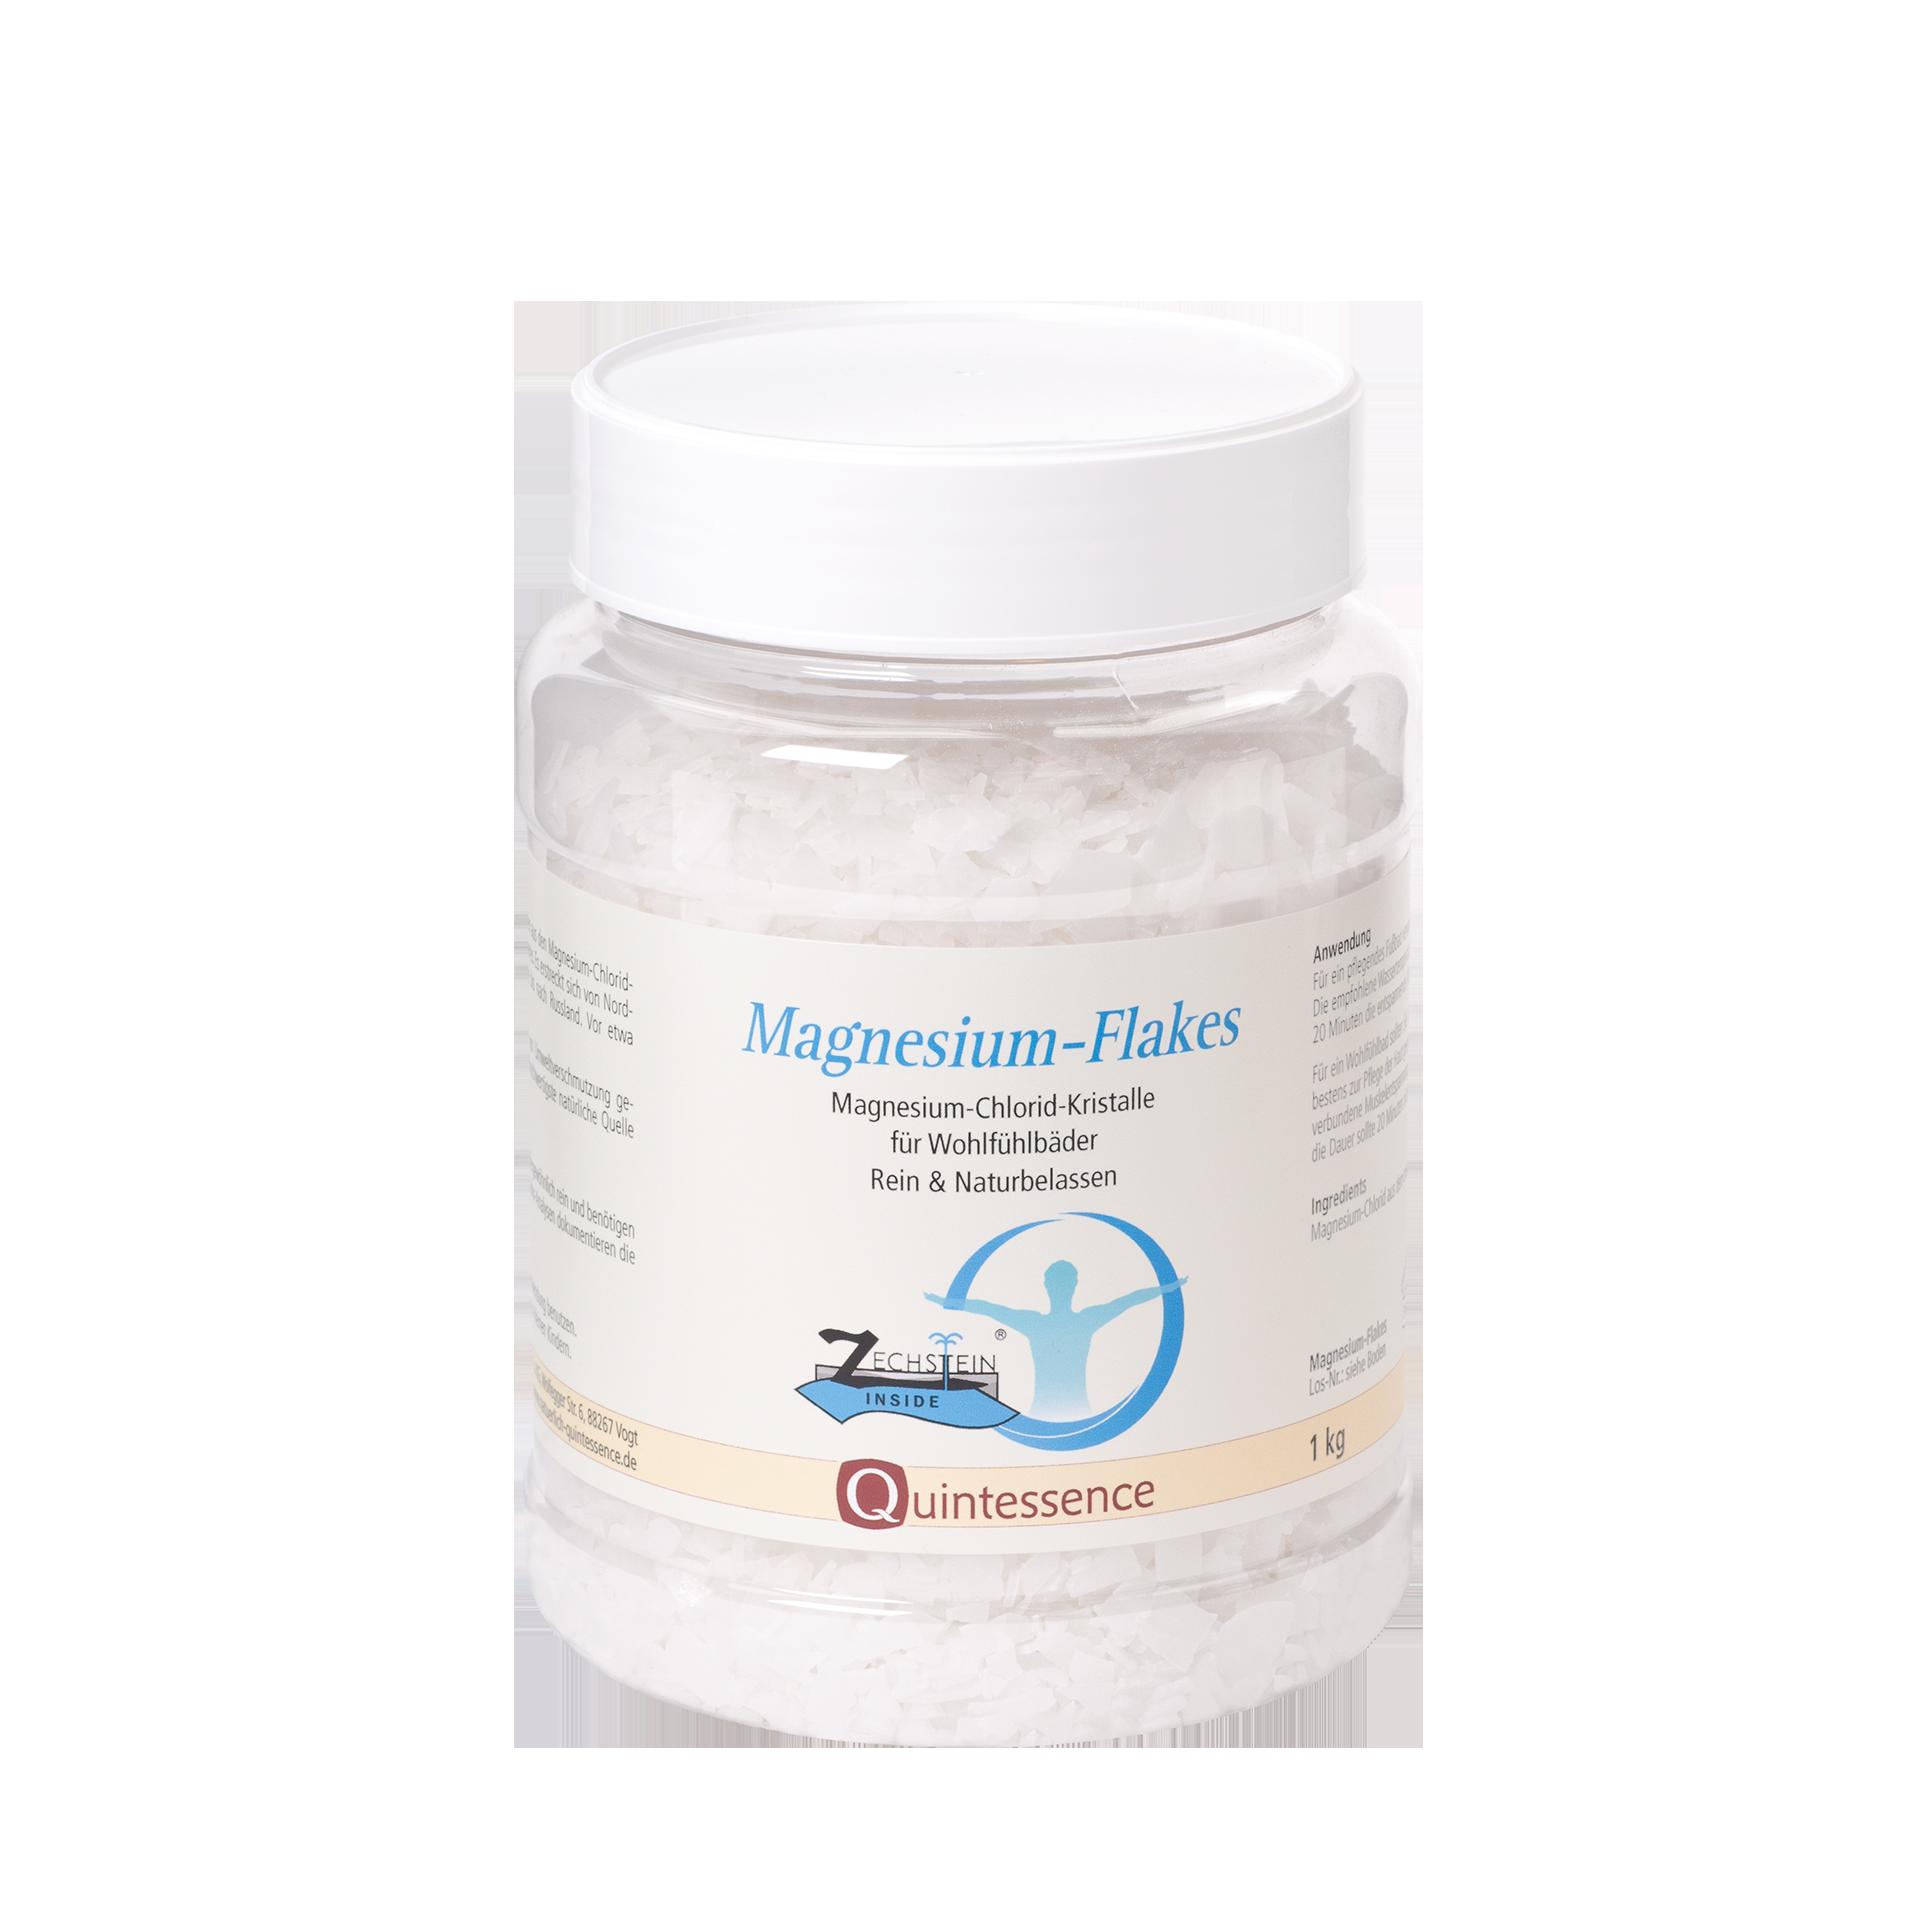 Zechstein-Magnesium-Flakes, 1 kg